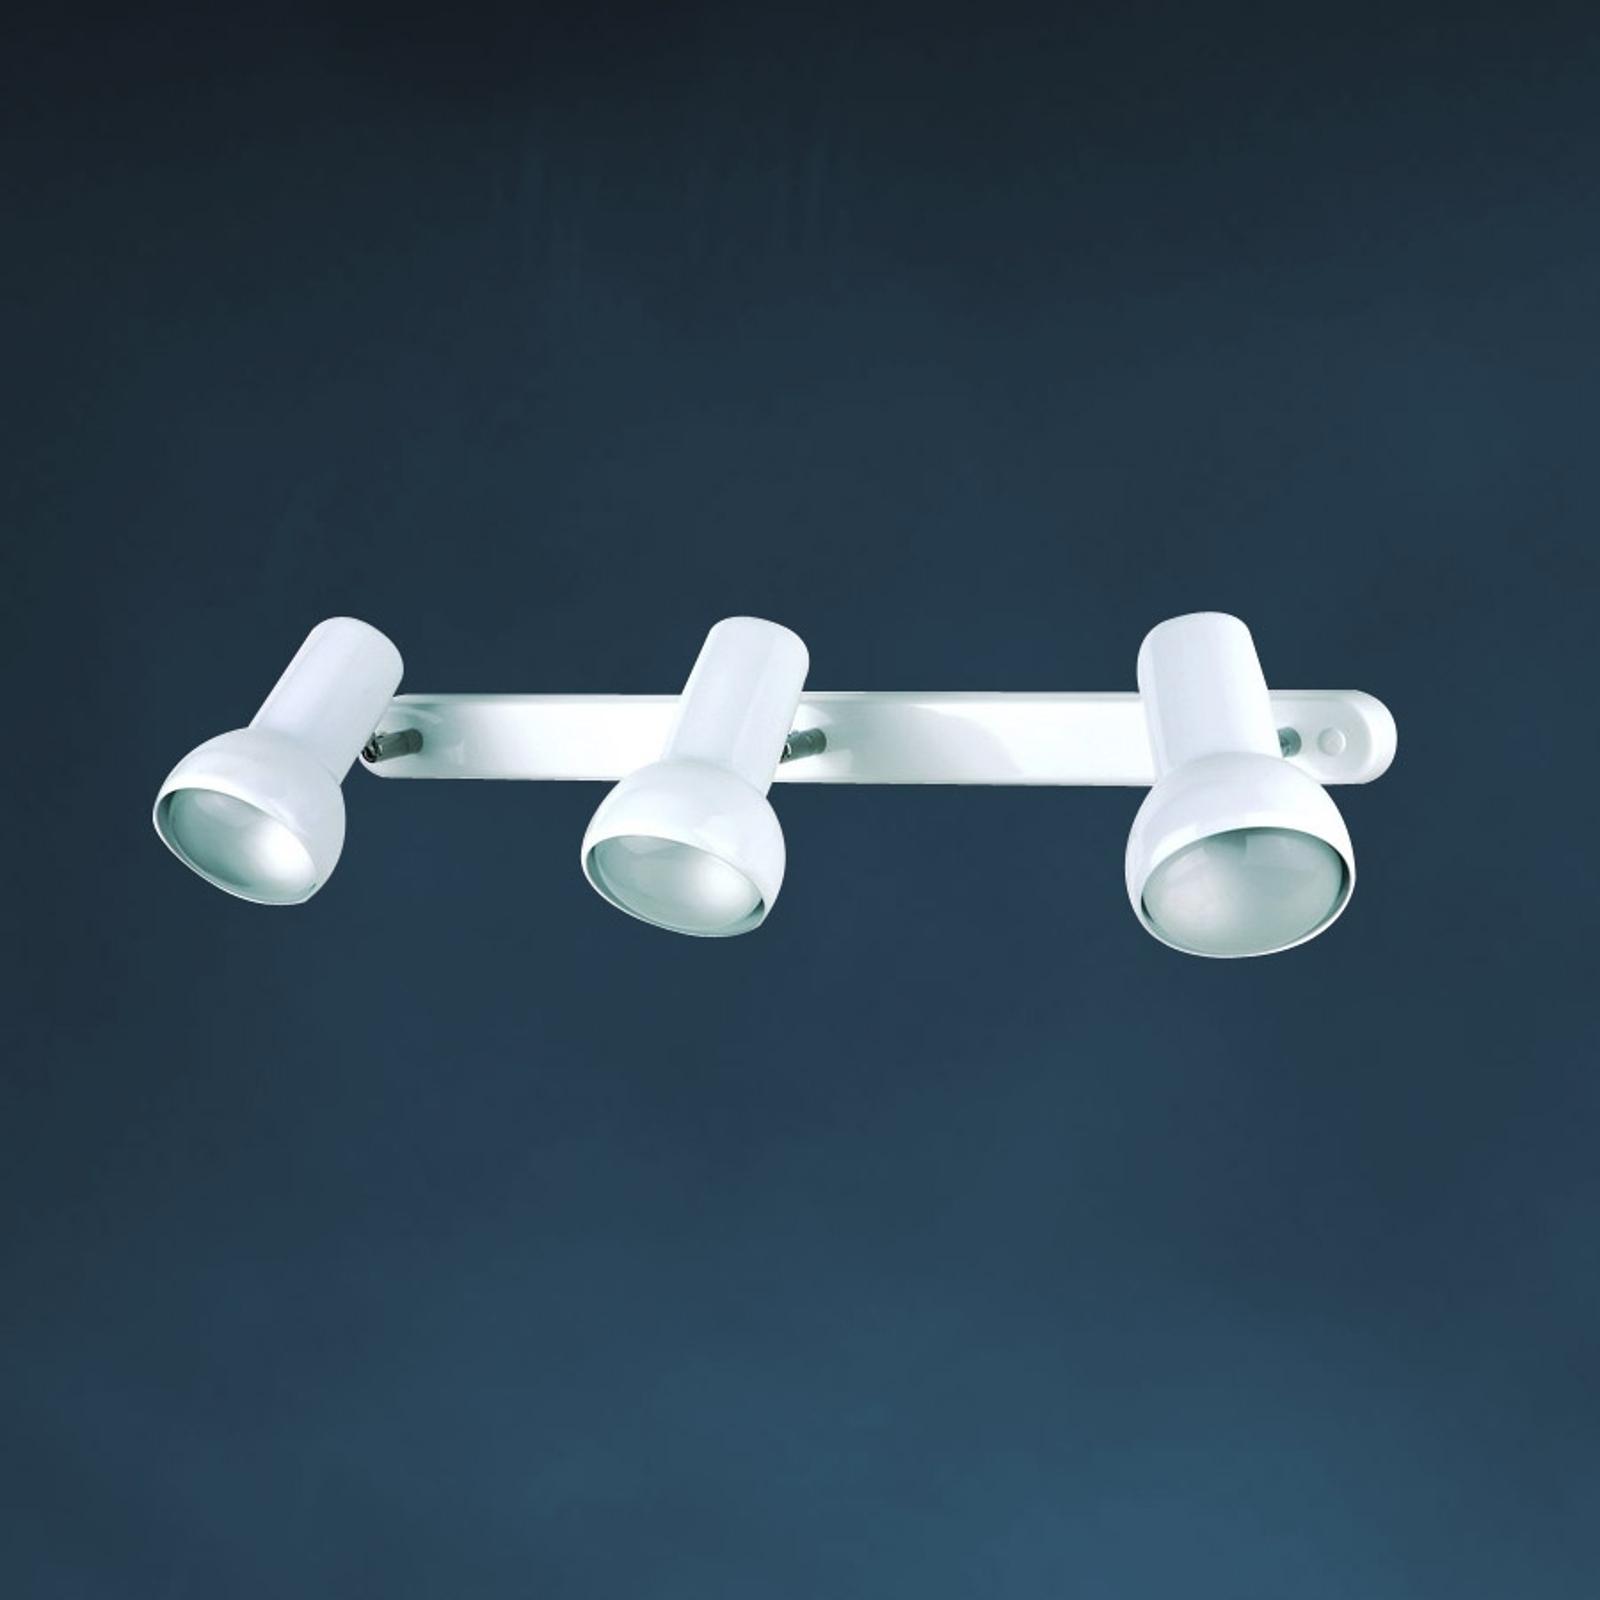 EIFEL wall light, 3-bulb_1524070_1